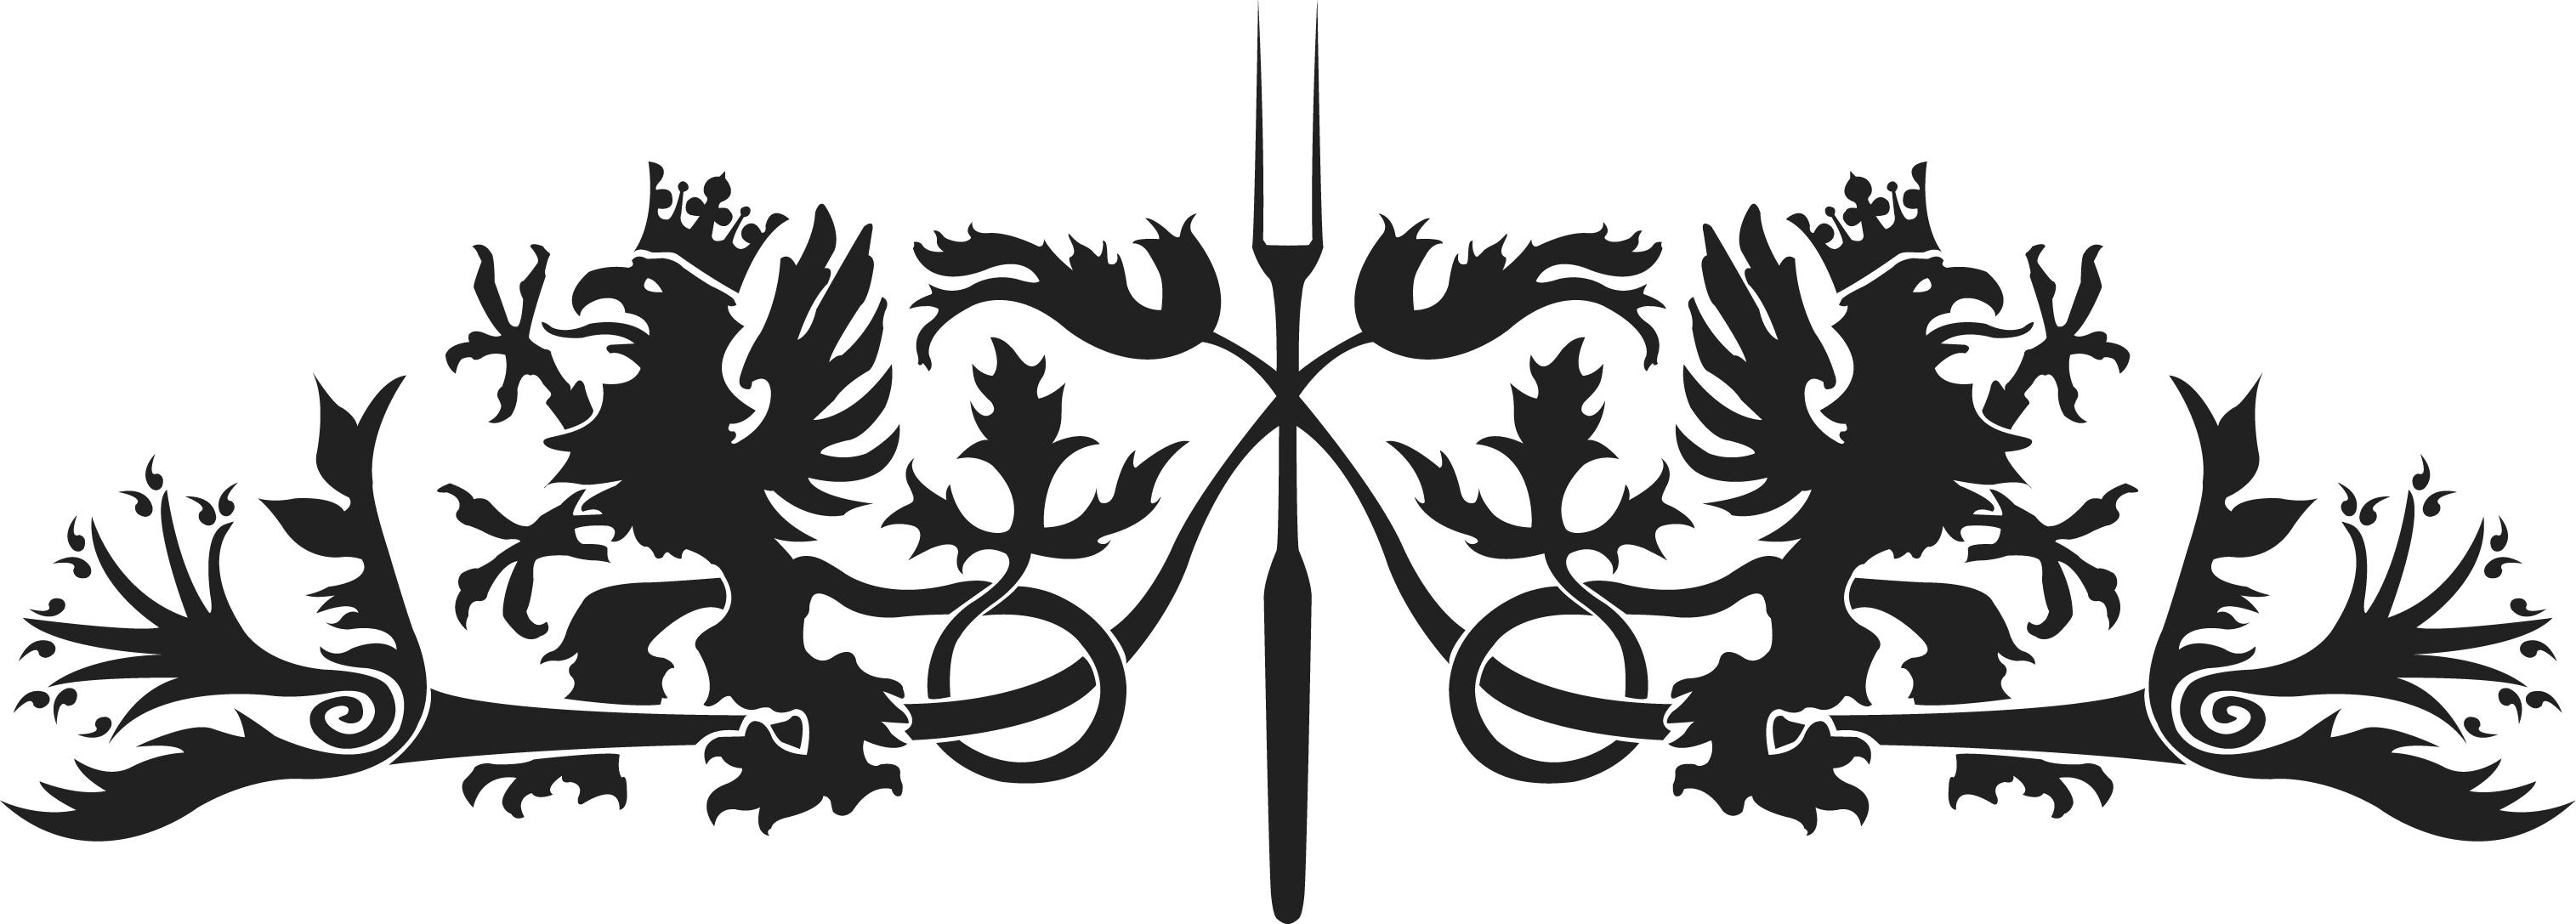 Bild: Vinjett, monogram till 'Marias Mirakulösa Döttrar' föreställande en uppåtvänd gaffel flankerad av två gripar och sirliga blommor